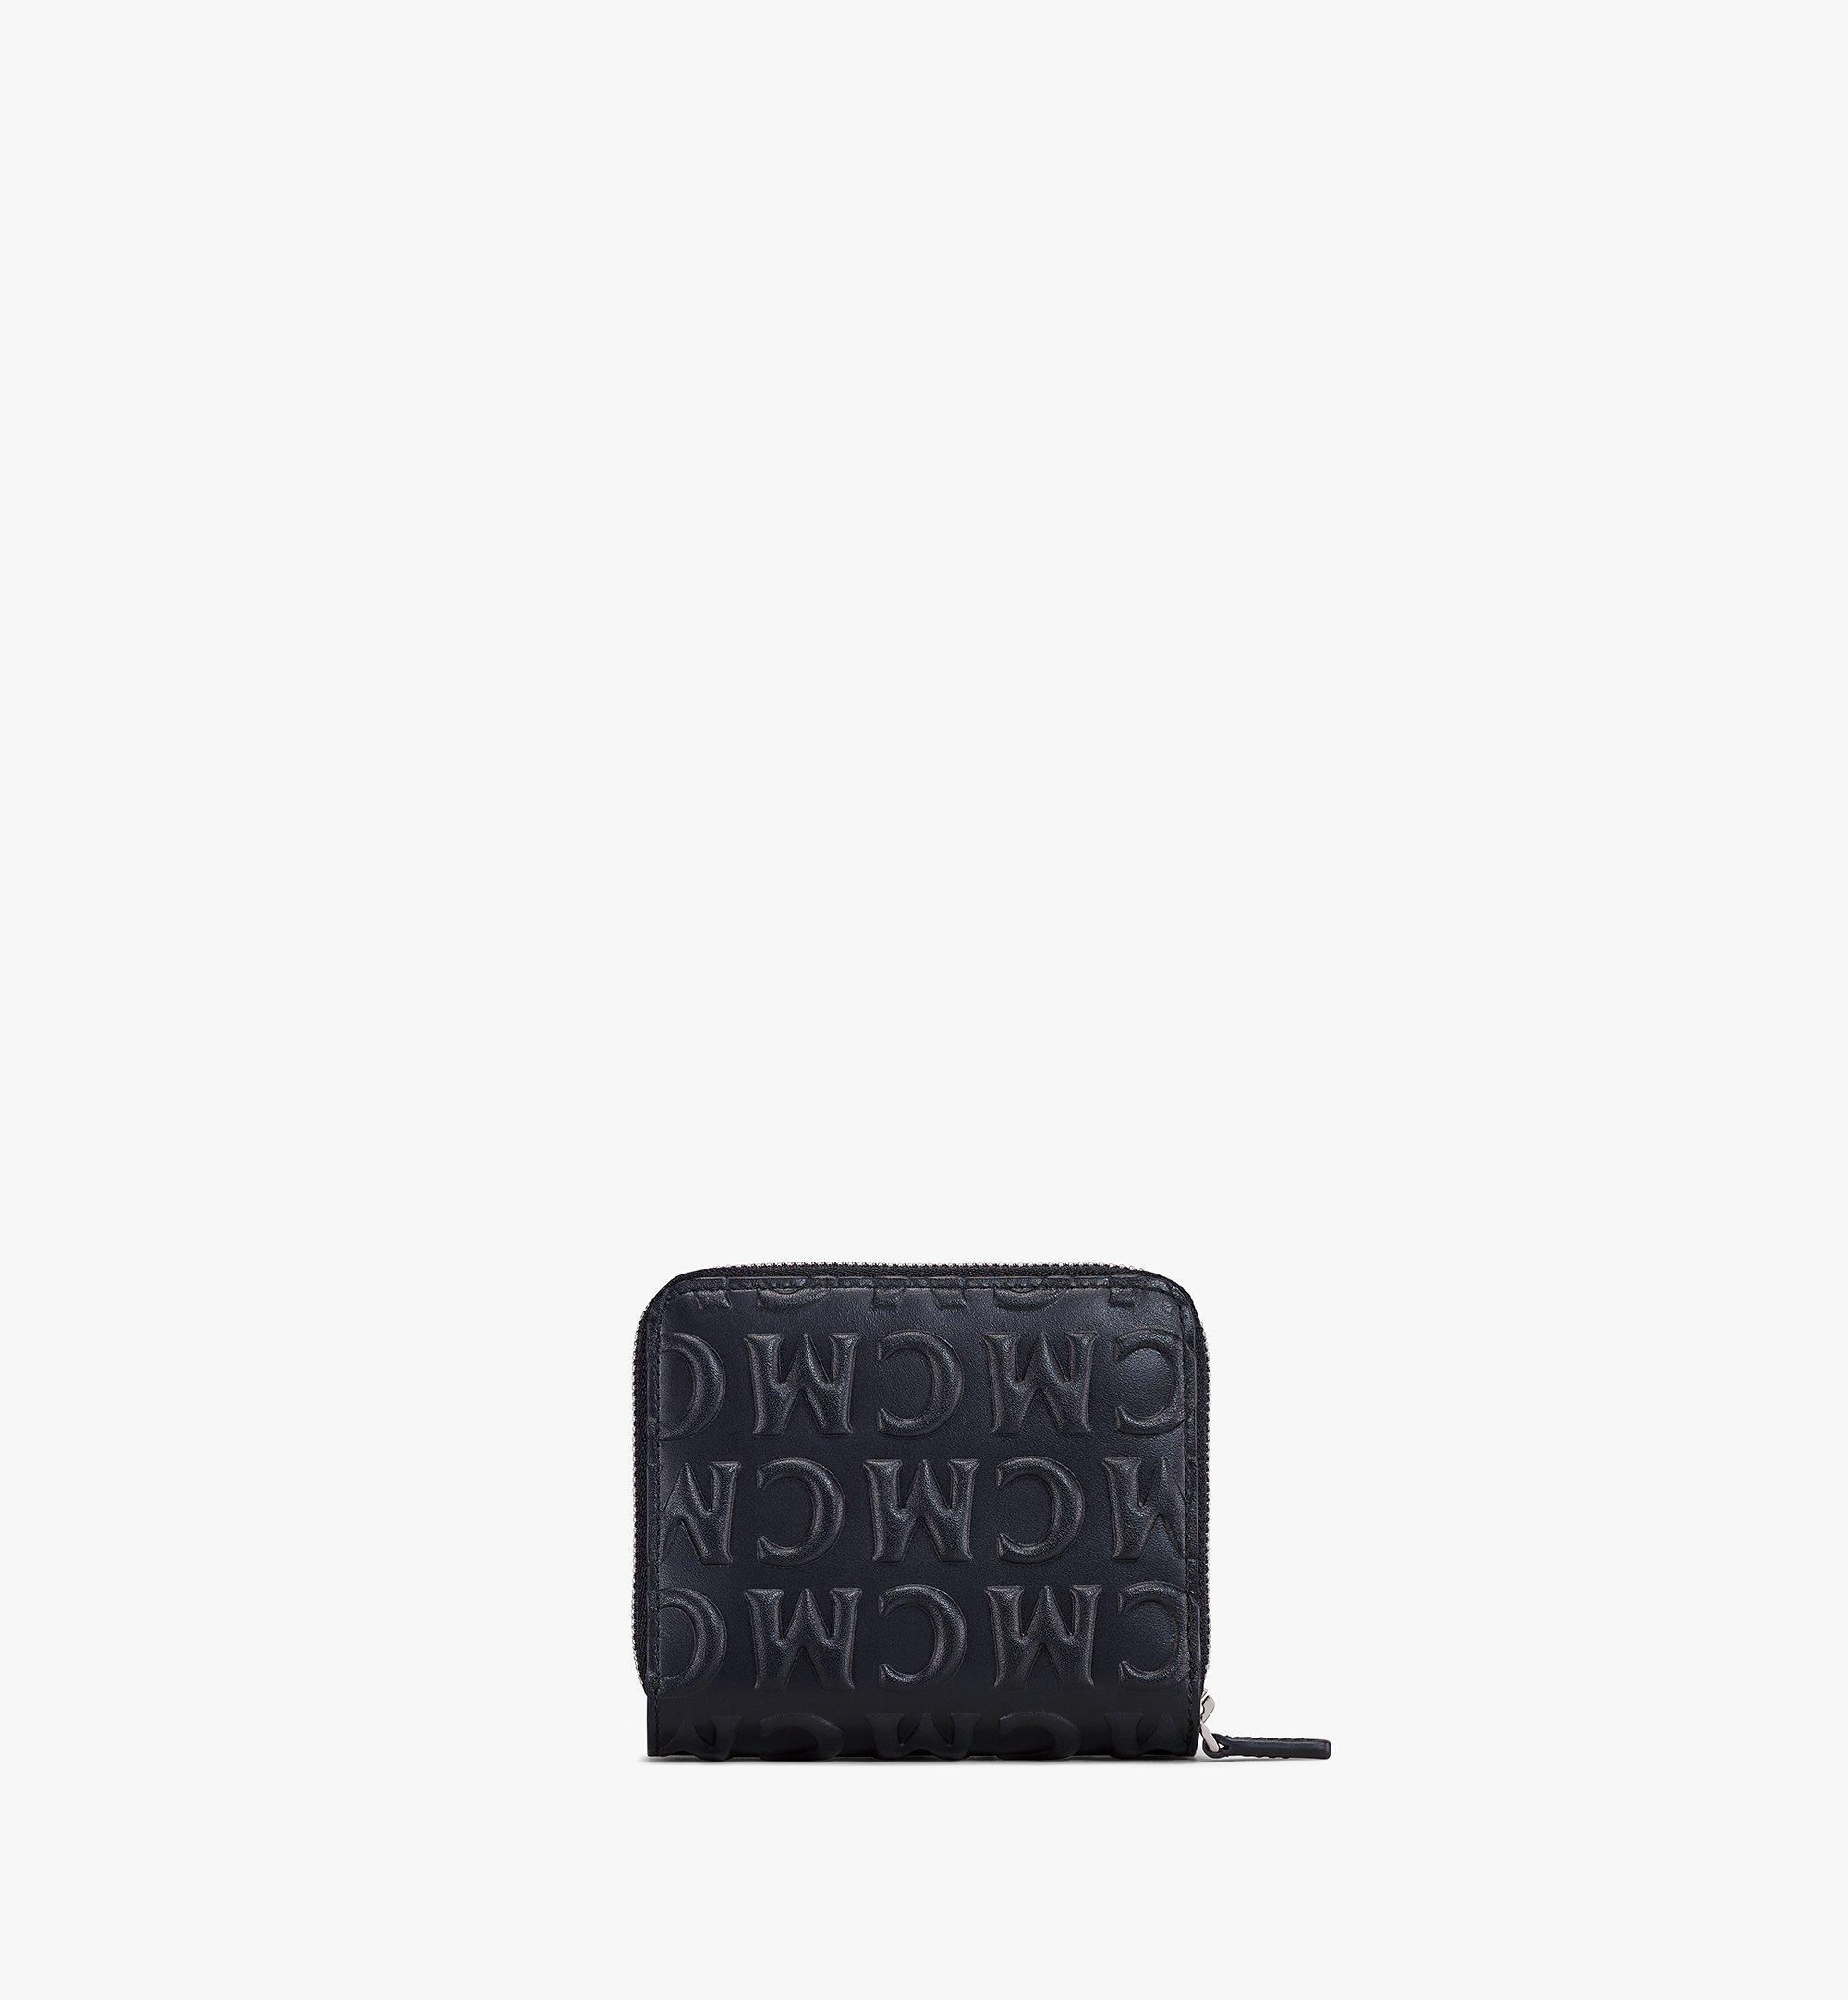 MCM Lederbrieftasche mit Reissverschluss und MCM-Monogramm Black MXLAAMD01BK001 Noch mehr sehen 2